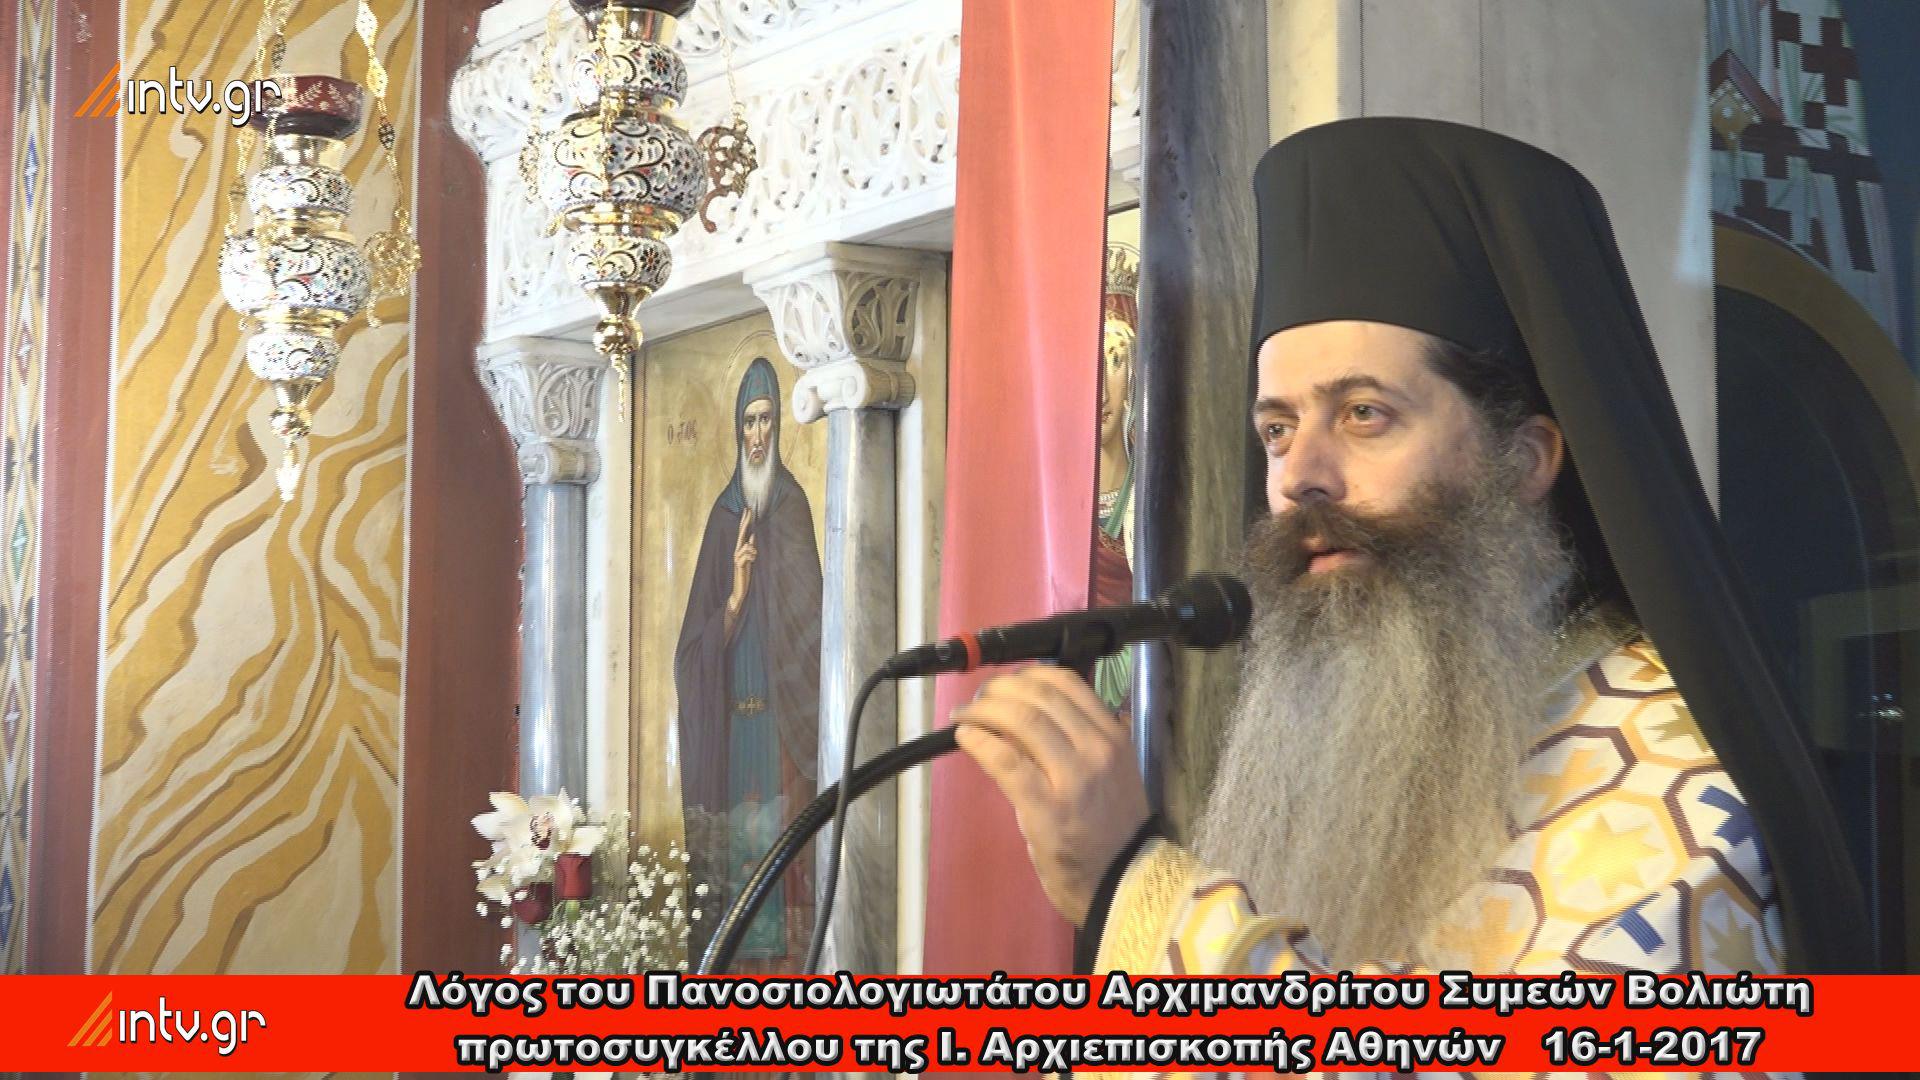 Λόγος του Πανοσιολογιωτάτου Αρχιμανδρίτου Συμεών Βολιώτη πρωτοσυγκέλλου της Ι. Αρχιεπισκοπής Αθηνών